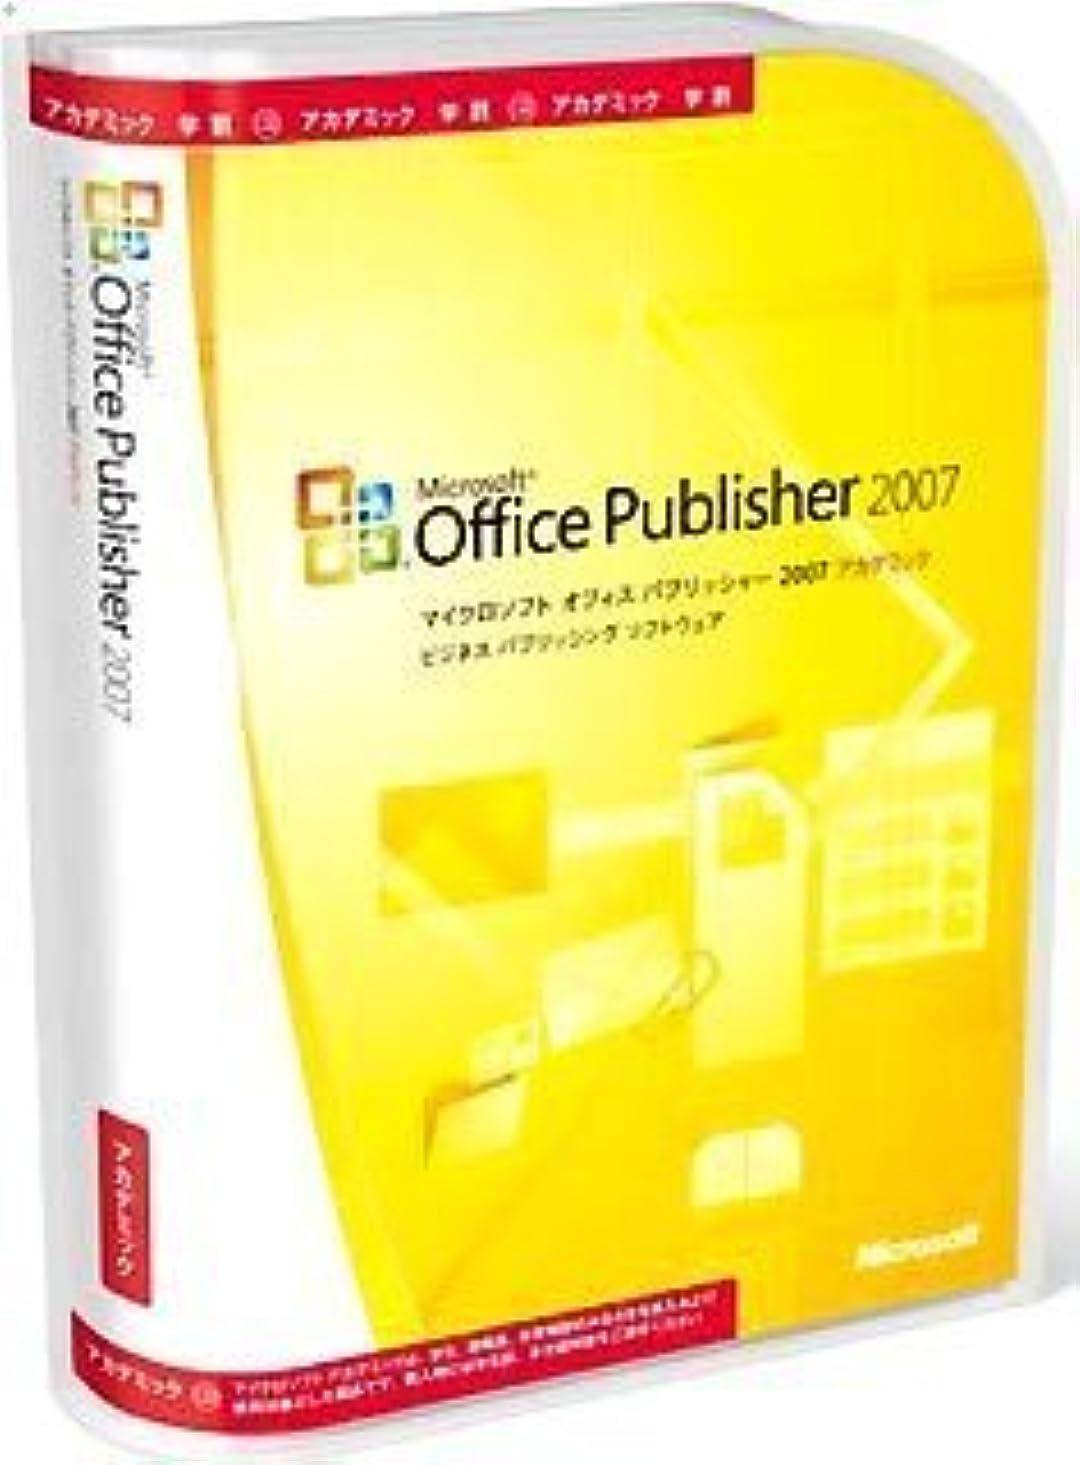 ワーディアンケースパンチ戦闘【旧商品/メーカー出荷終了/サポート終了】Microsoft  Offcie Publisher 2007 アカデミック